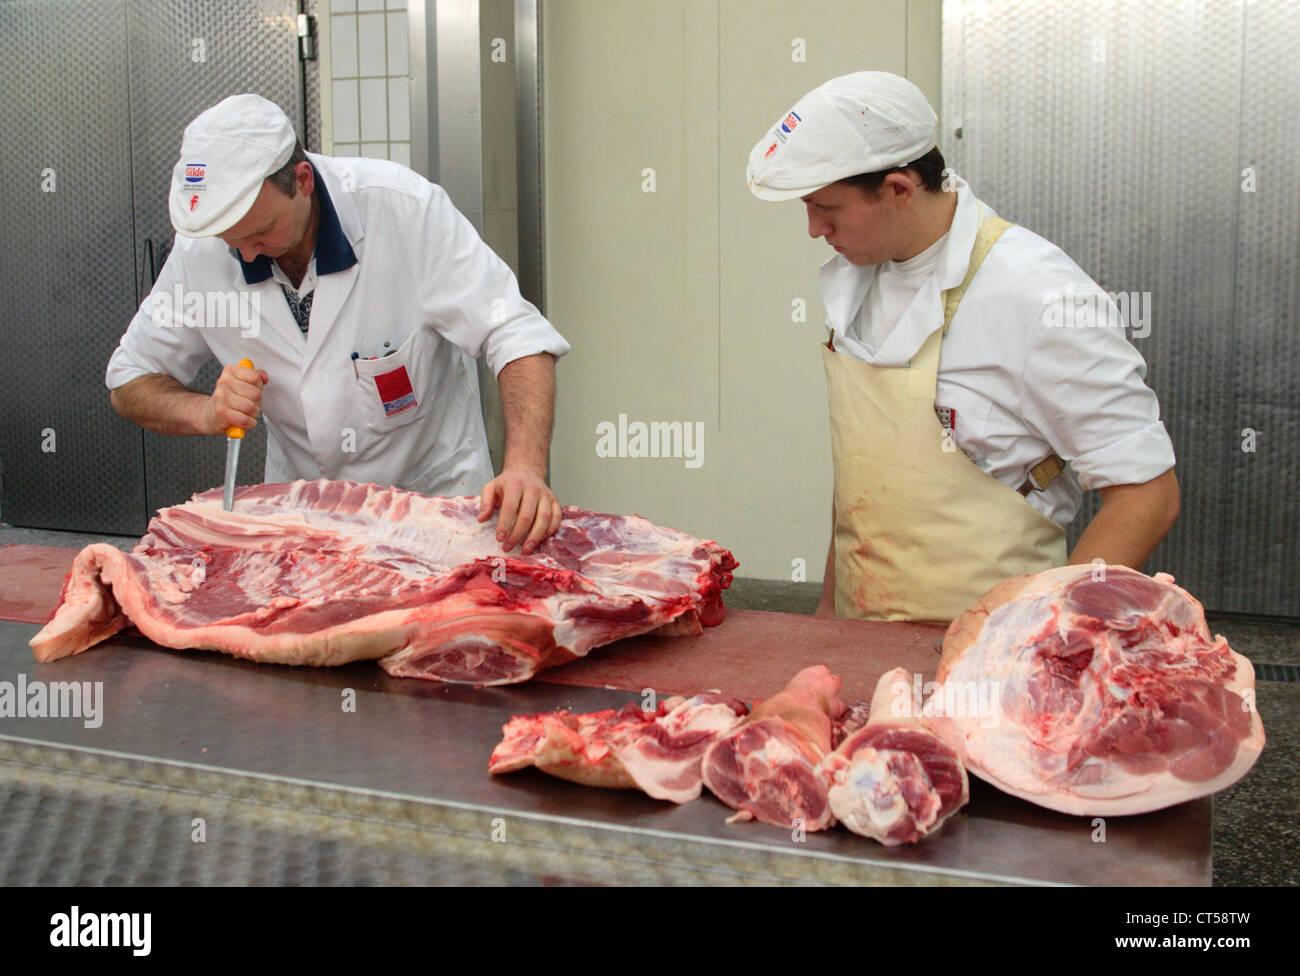 Apprenticeship As Butcher Stock Photos & Apprenticeship As